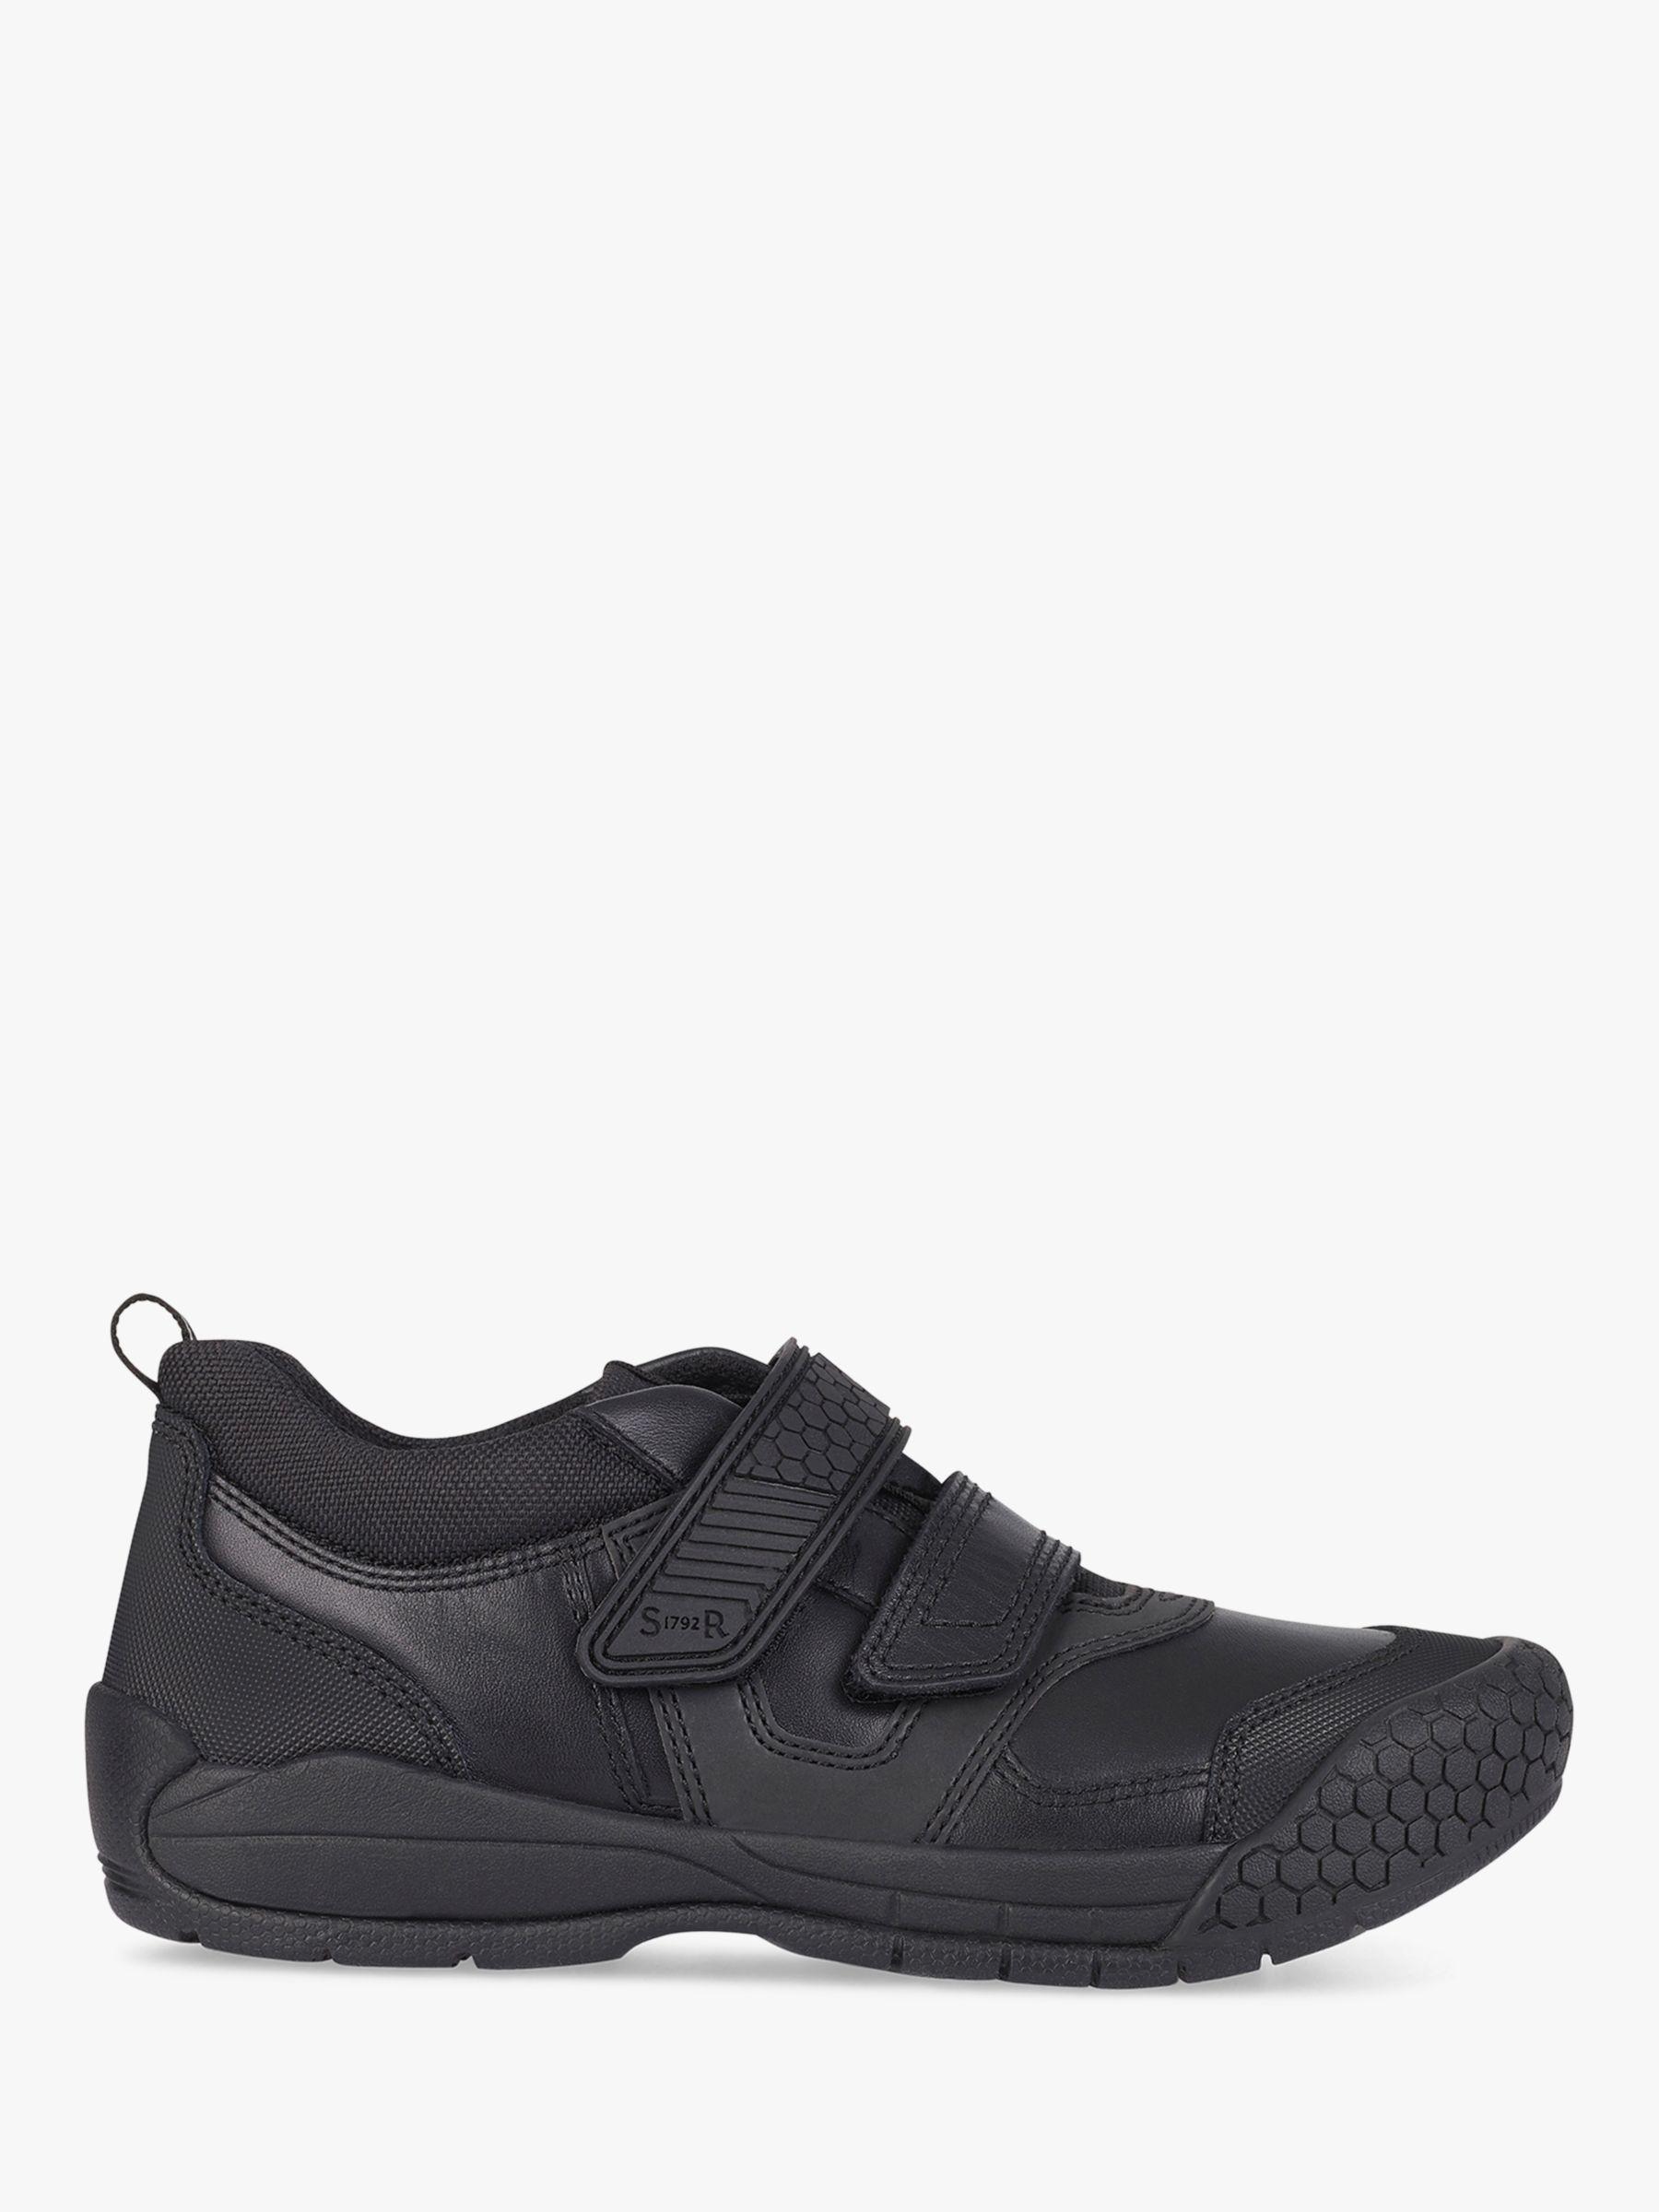 Start-Rite Start-rite Children's Strike Riptape Shoes, Black Leather